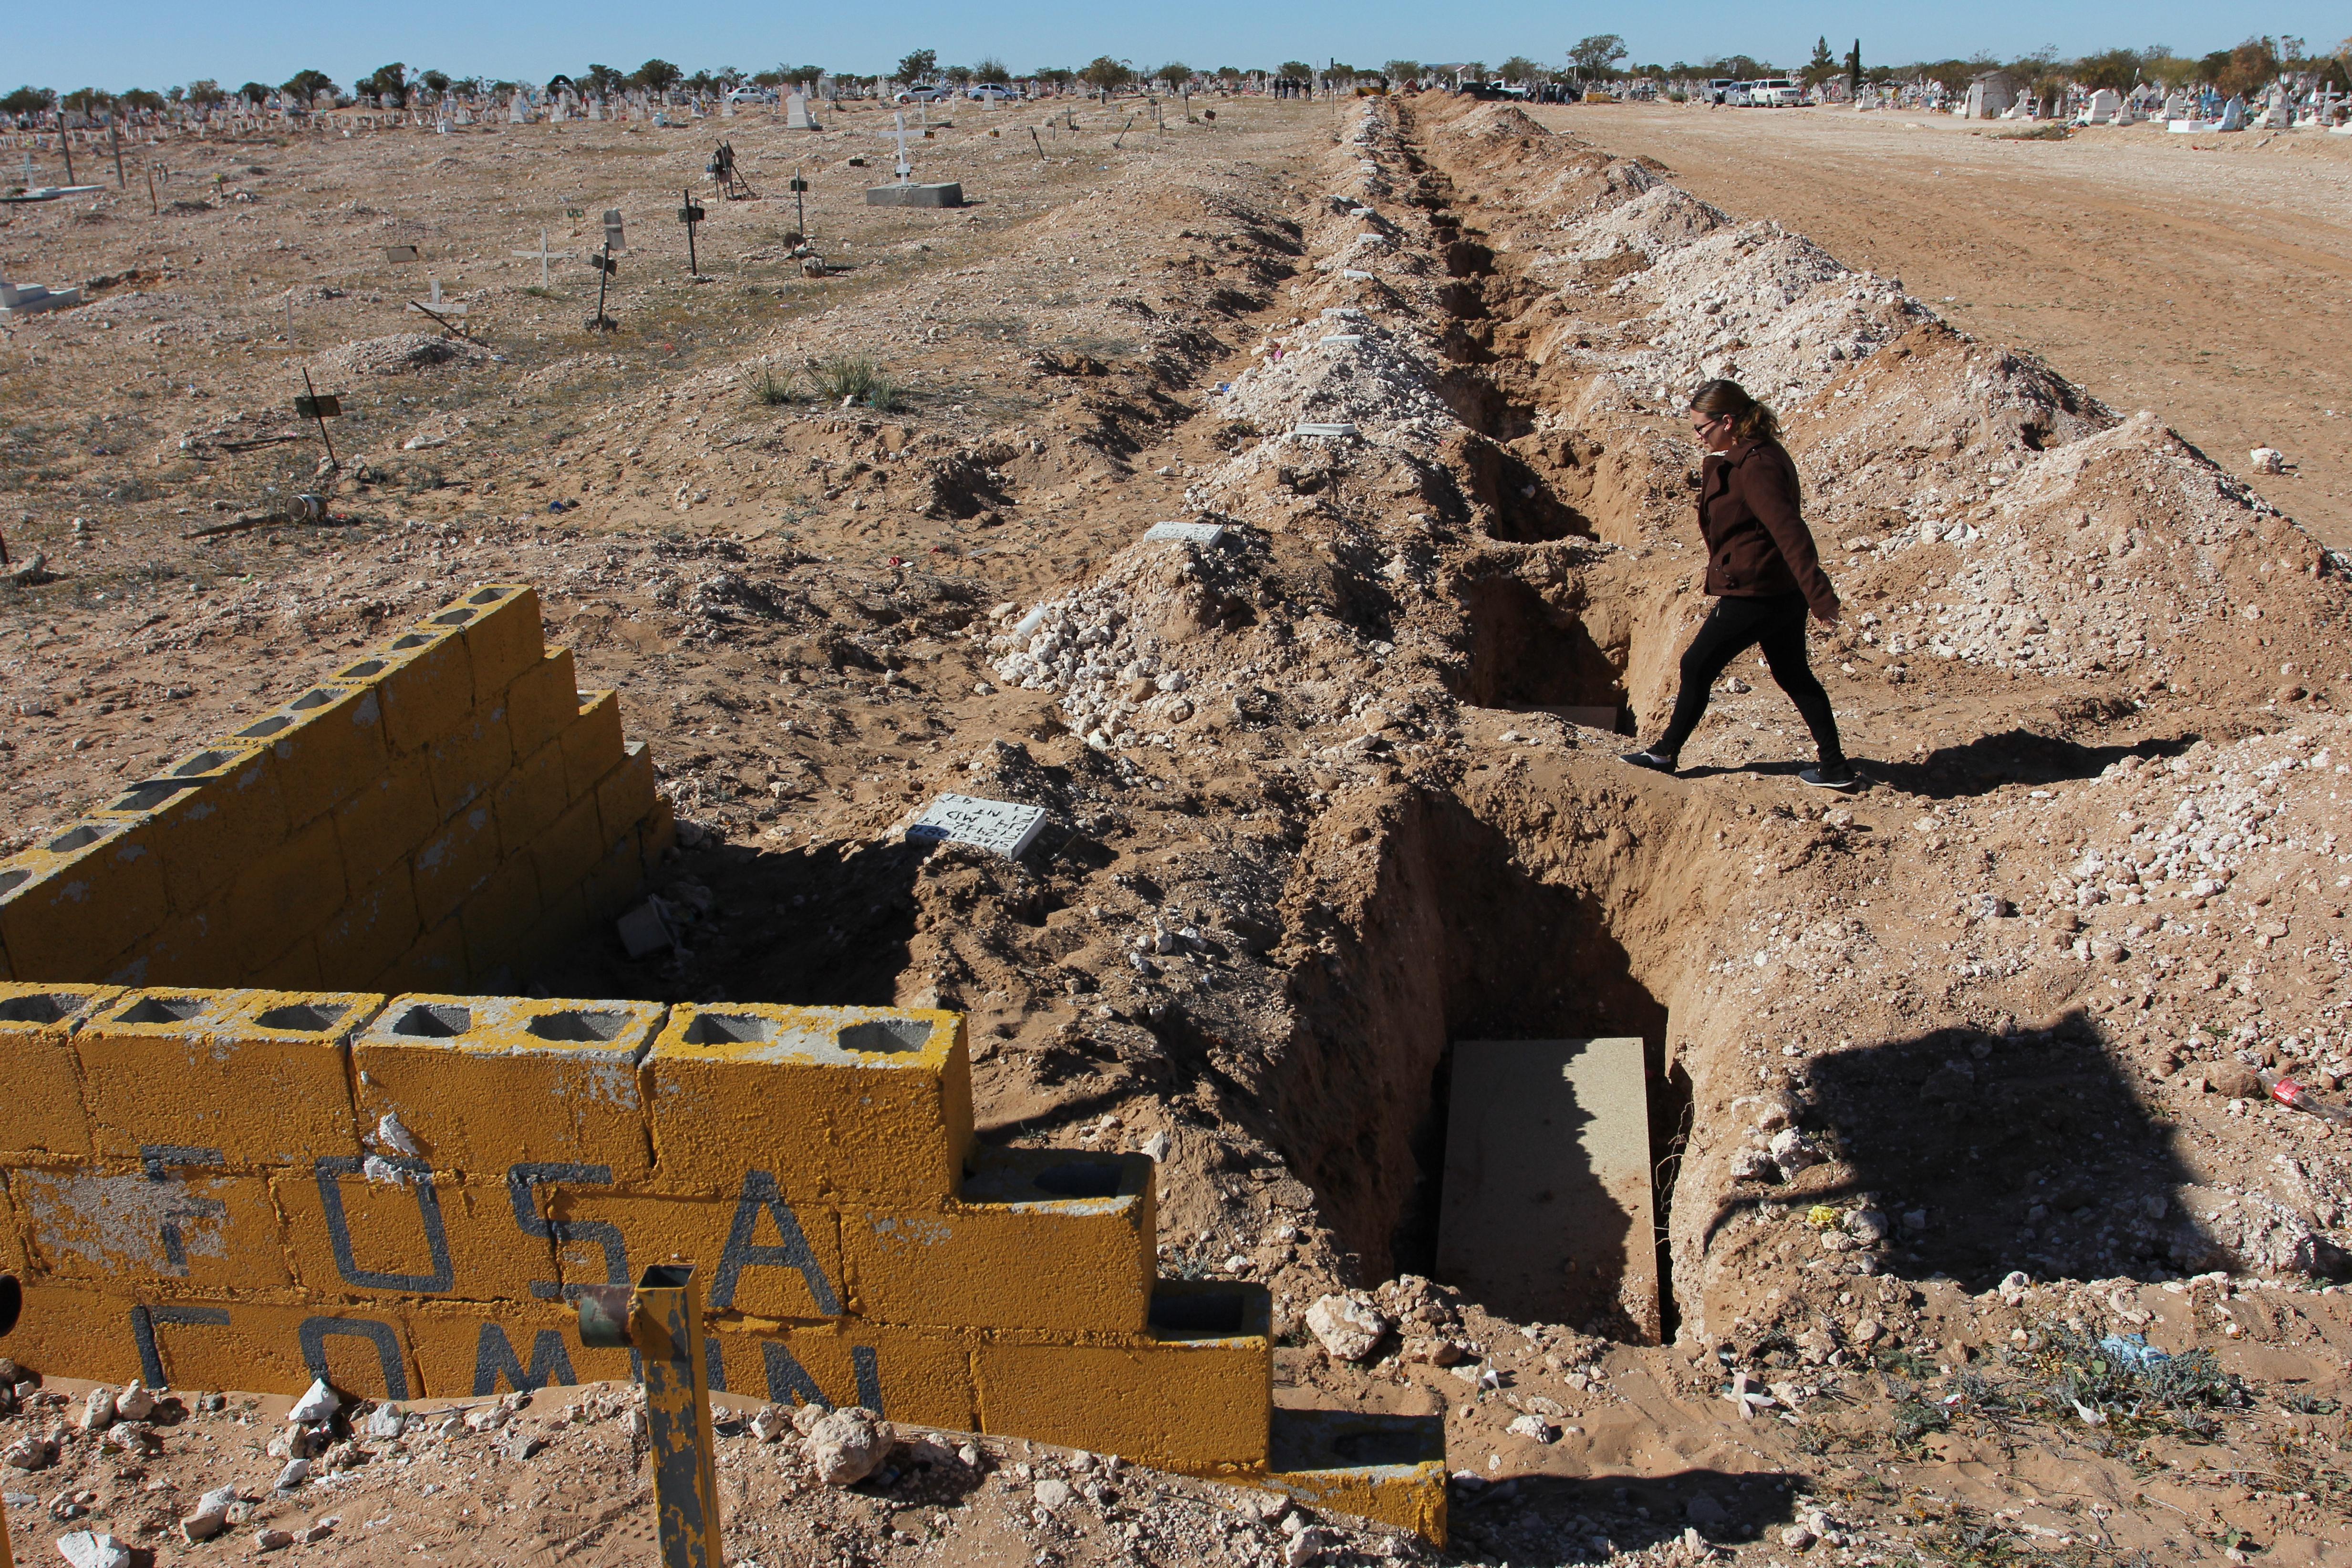 Drogháborús tömegsírt találtak Nyugat-Mexikóban